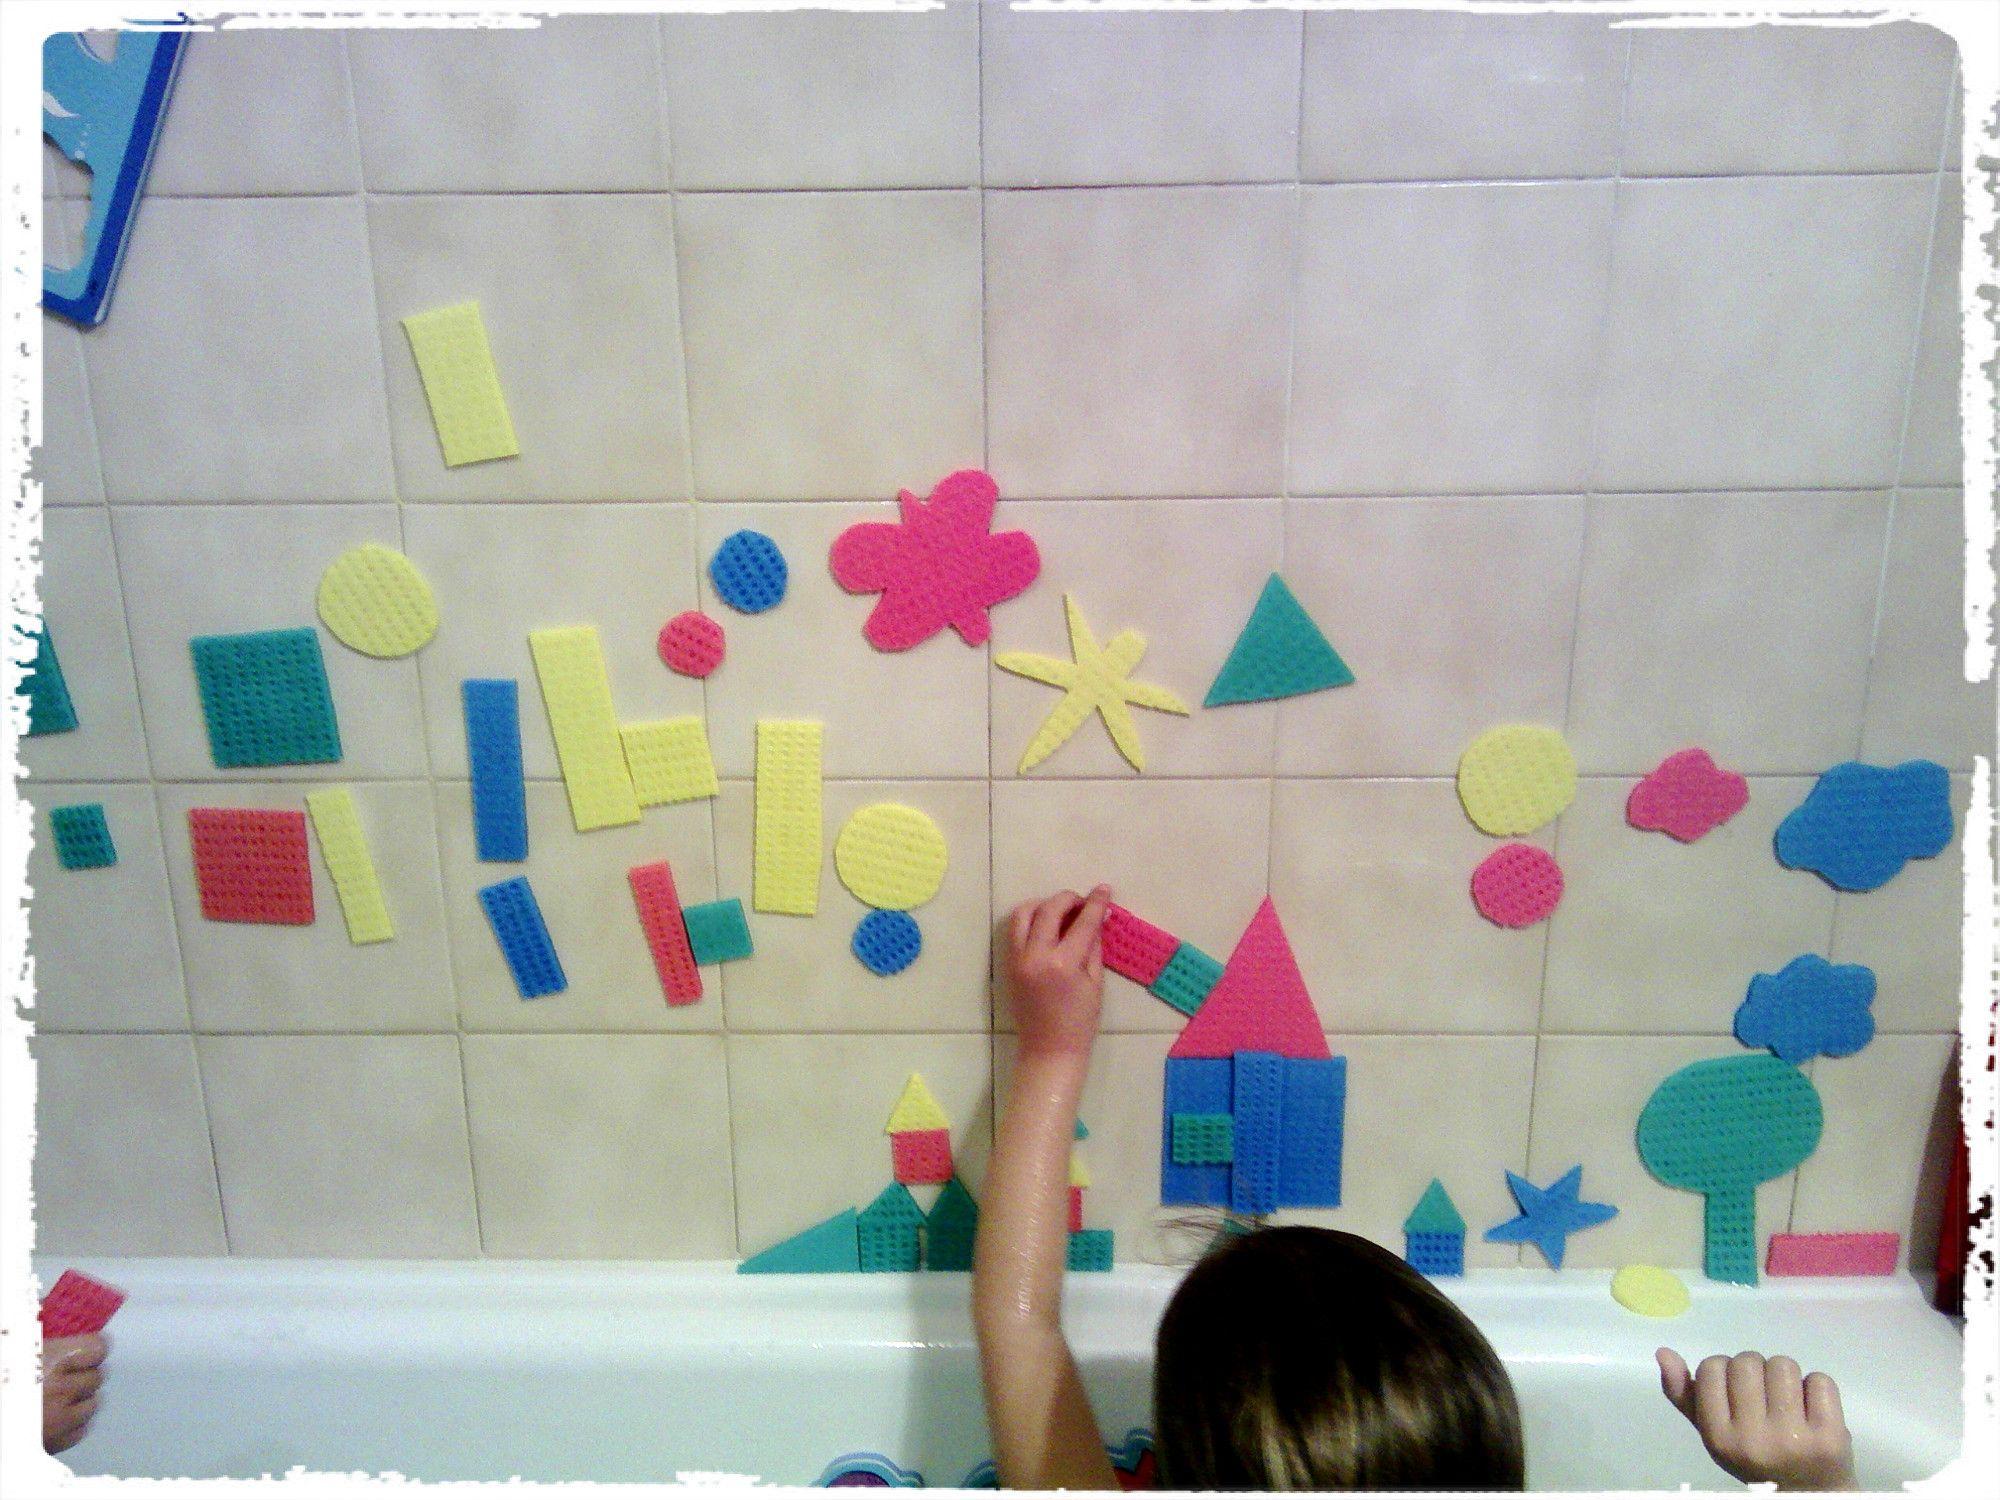 Jouer Au Tangram Dans Son Bain - | Jeux Bain, Activité pour Jeux De Découpage